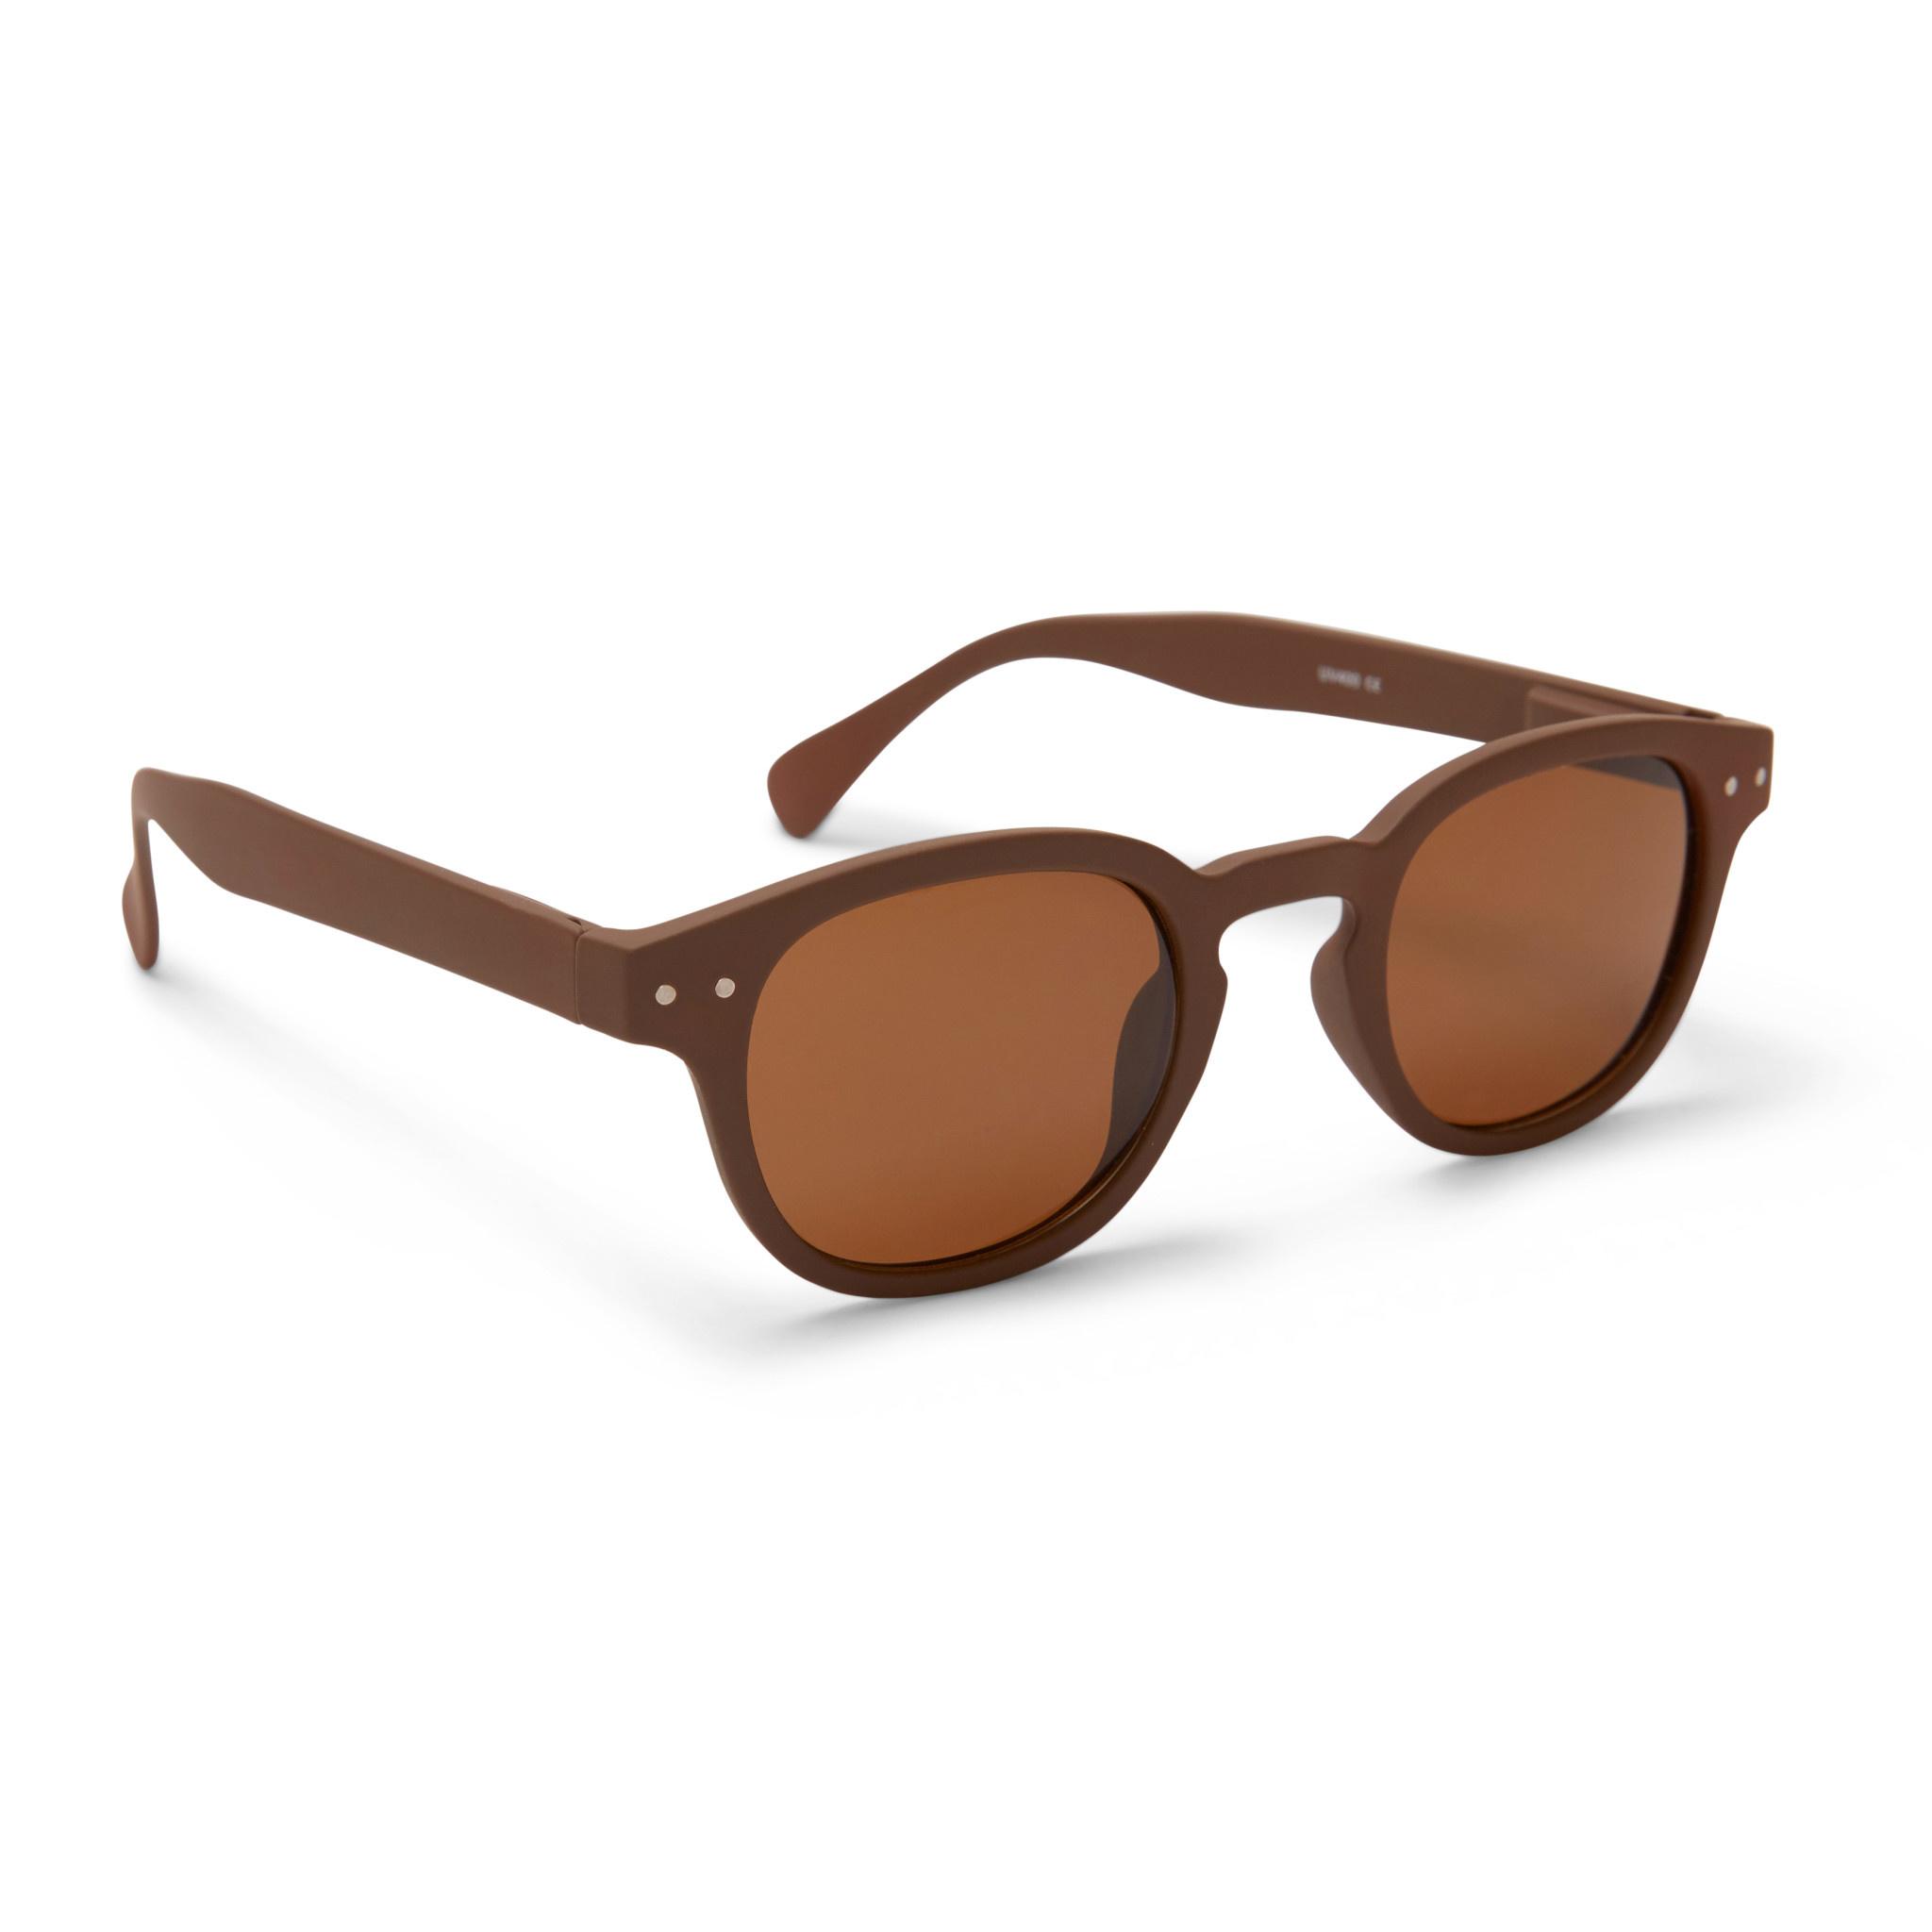 Sunglasses junior beech-1